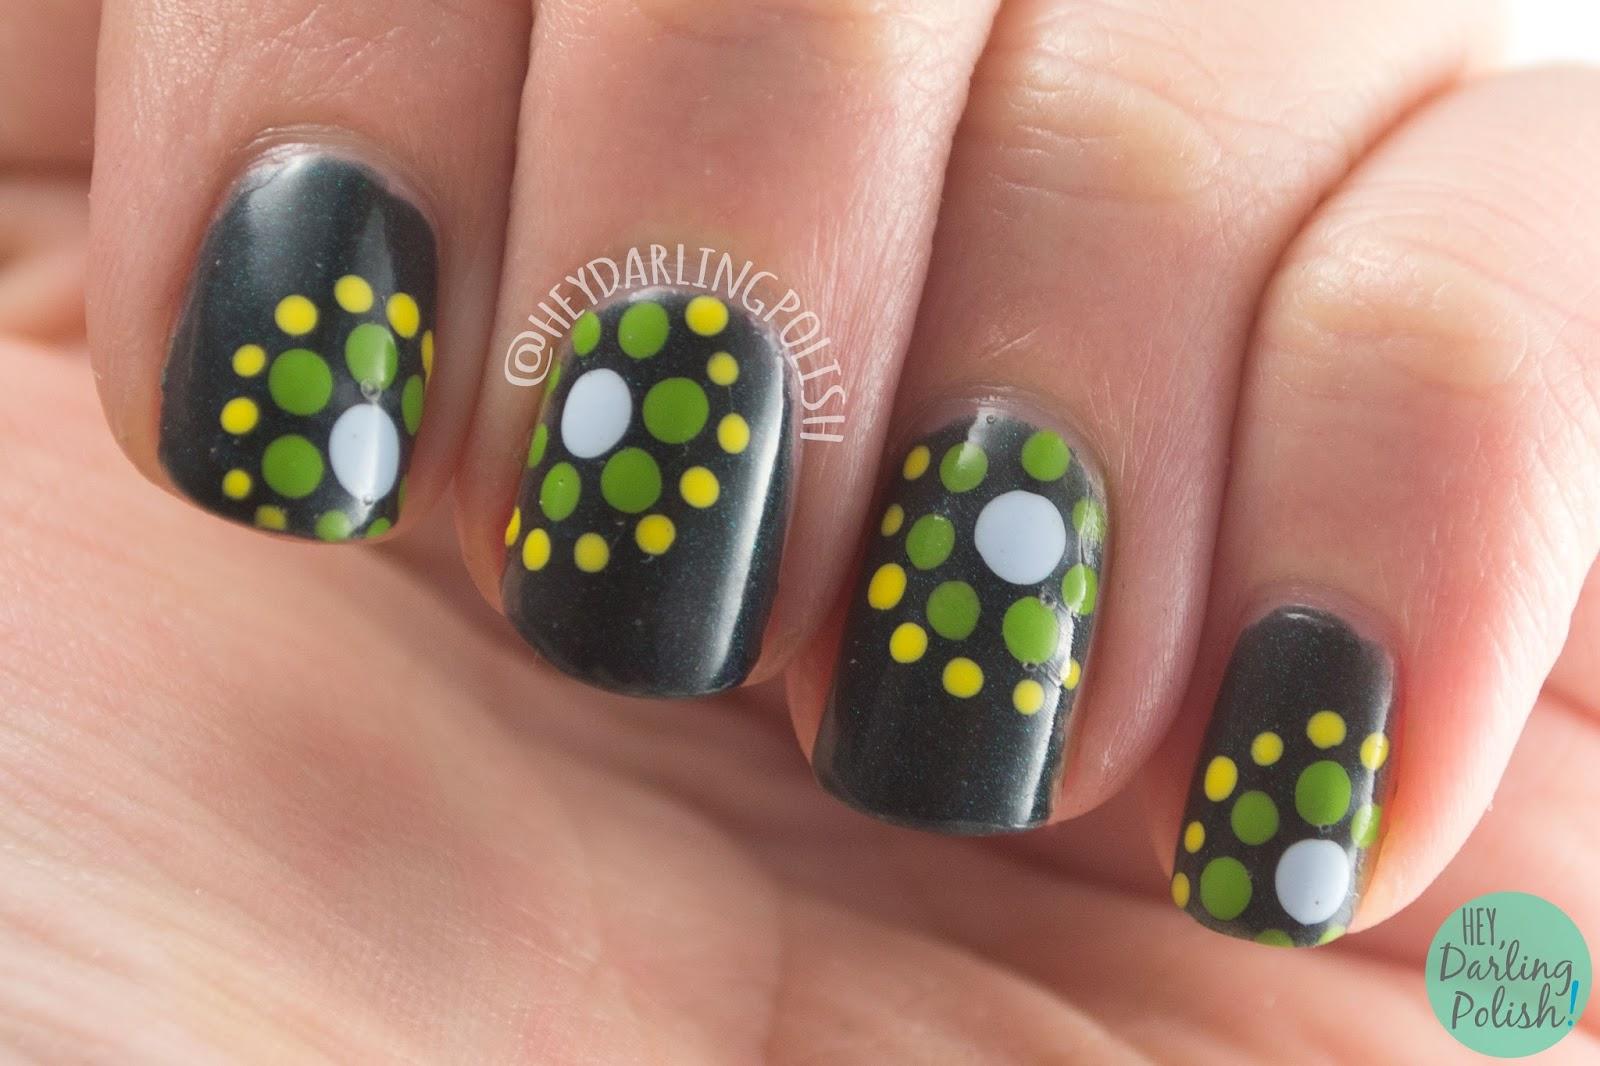 nails, nail art, nail polish, polka dots, circles, spell polish, indie polish, hey darling polish, teal, dots, the nail challenge collaborative